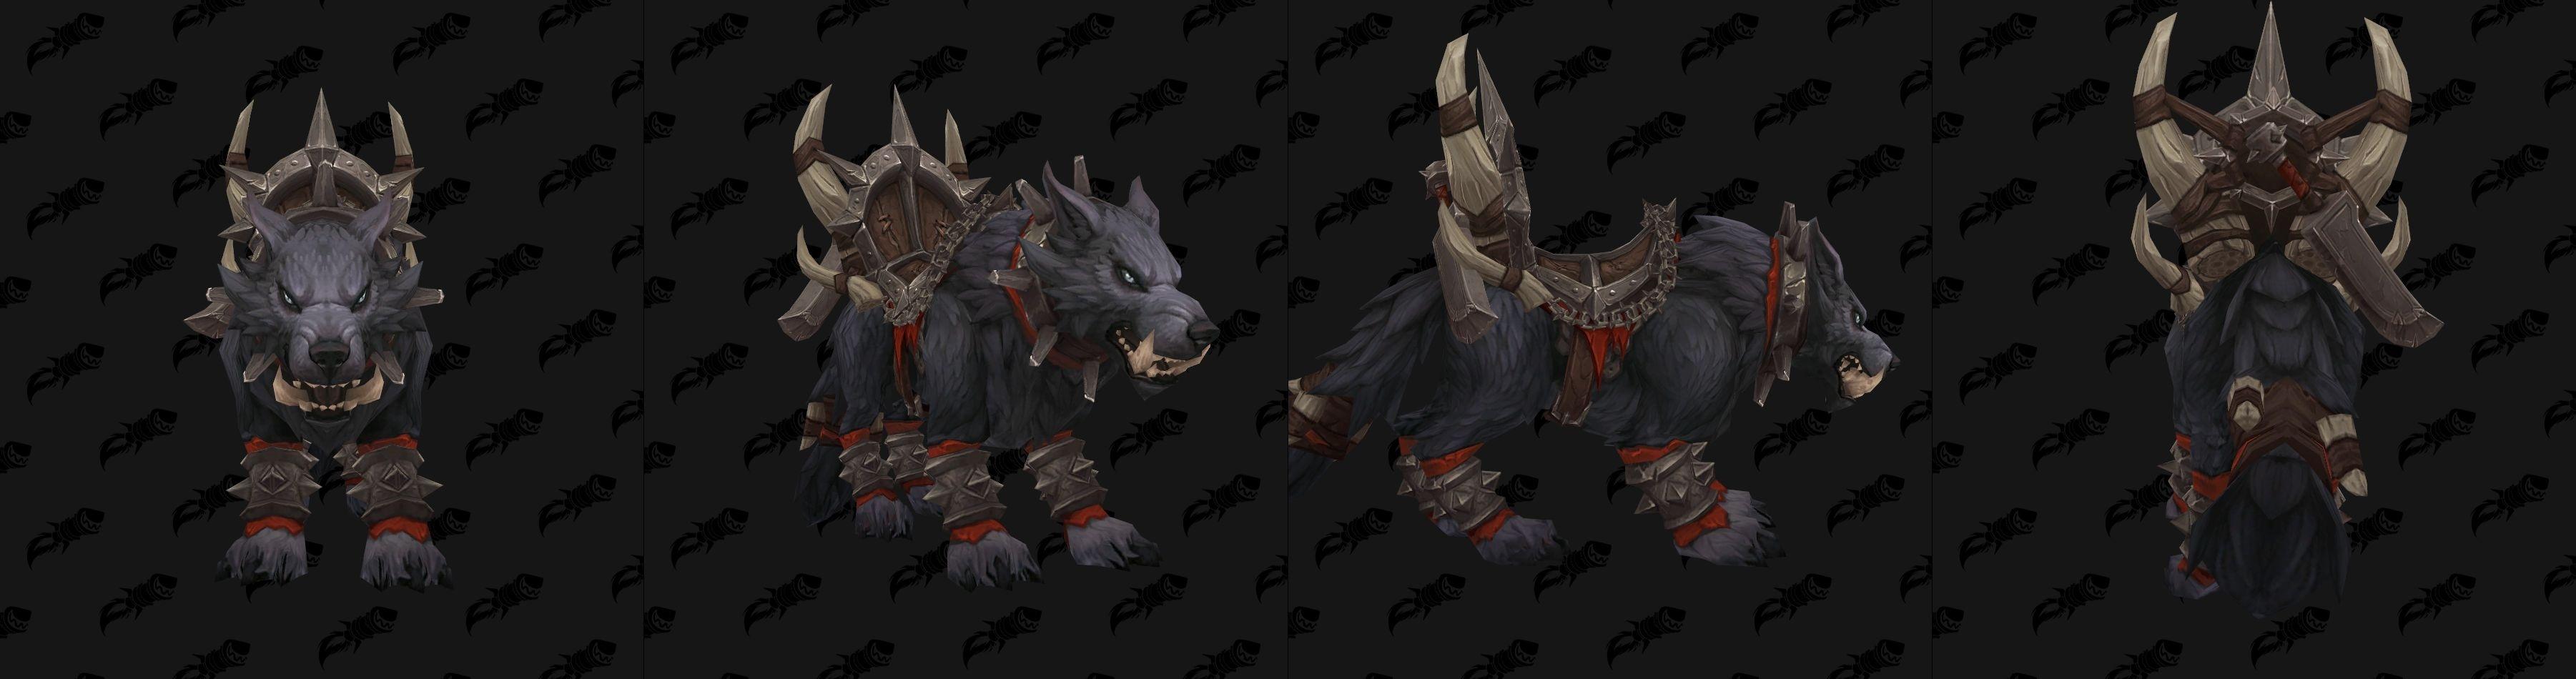 PTR8.0:新增兽人氏族坐骑 或为同盟种族